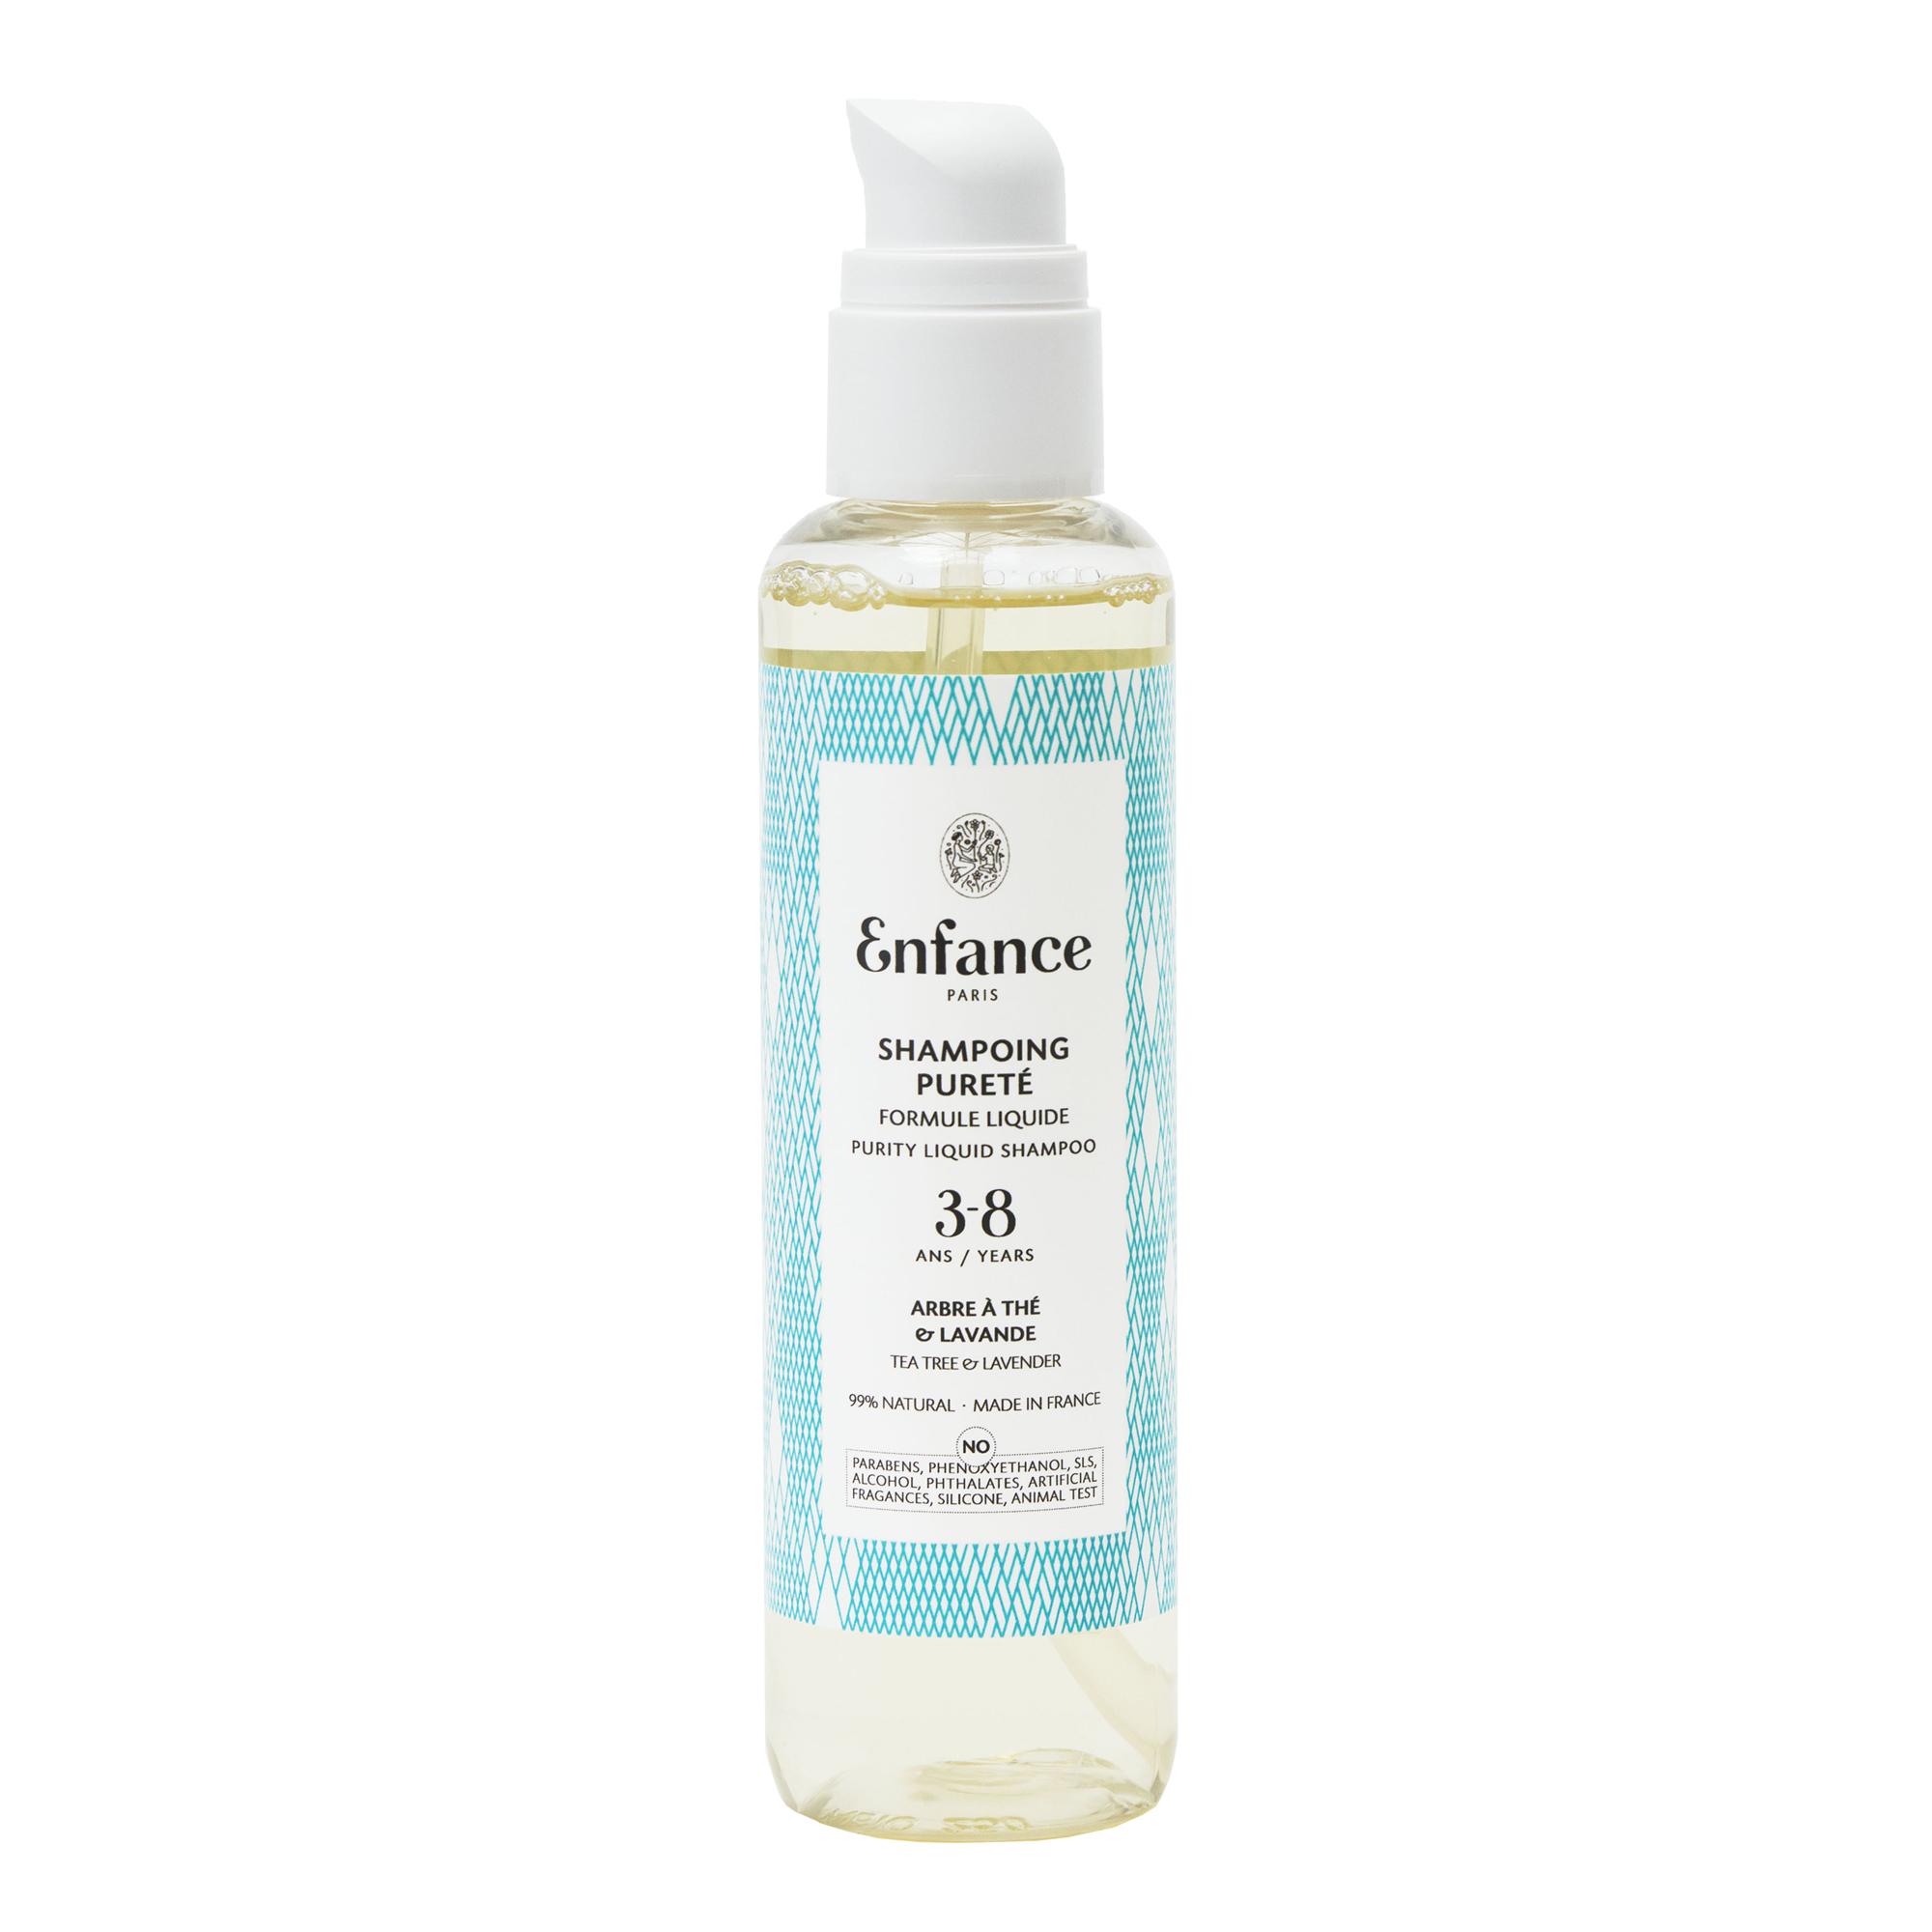 Enfance Paris - shampoing pureté - enfant 3-8 ans